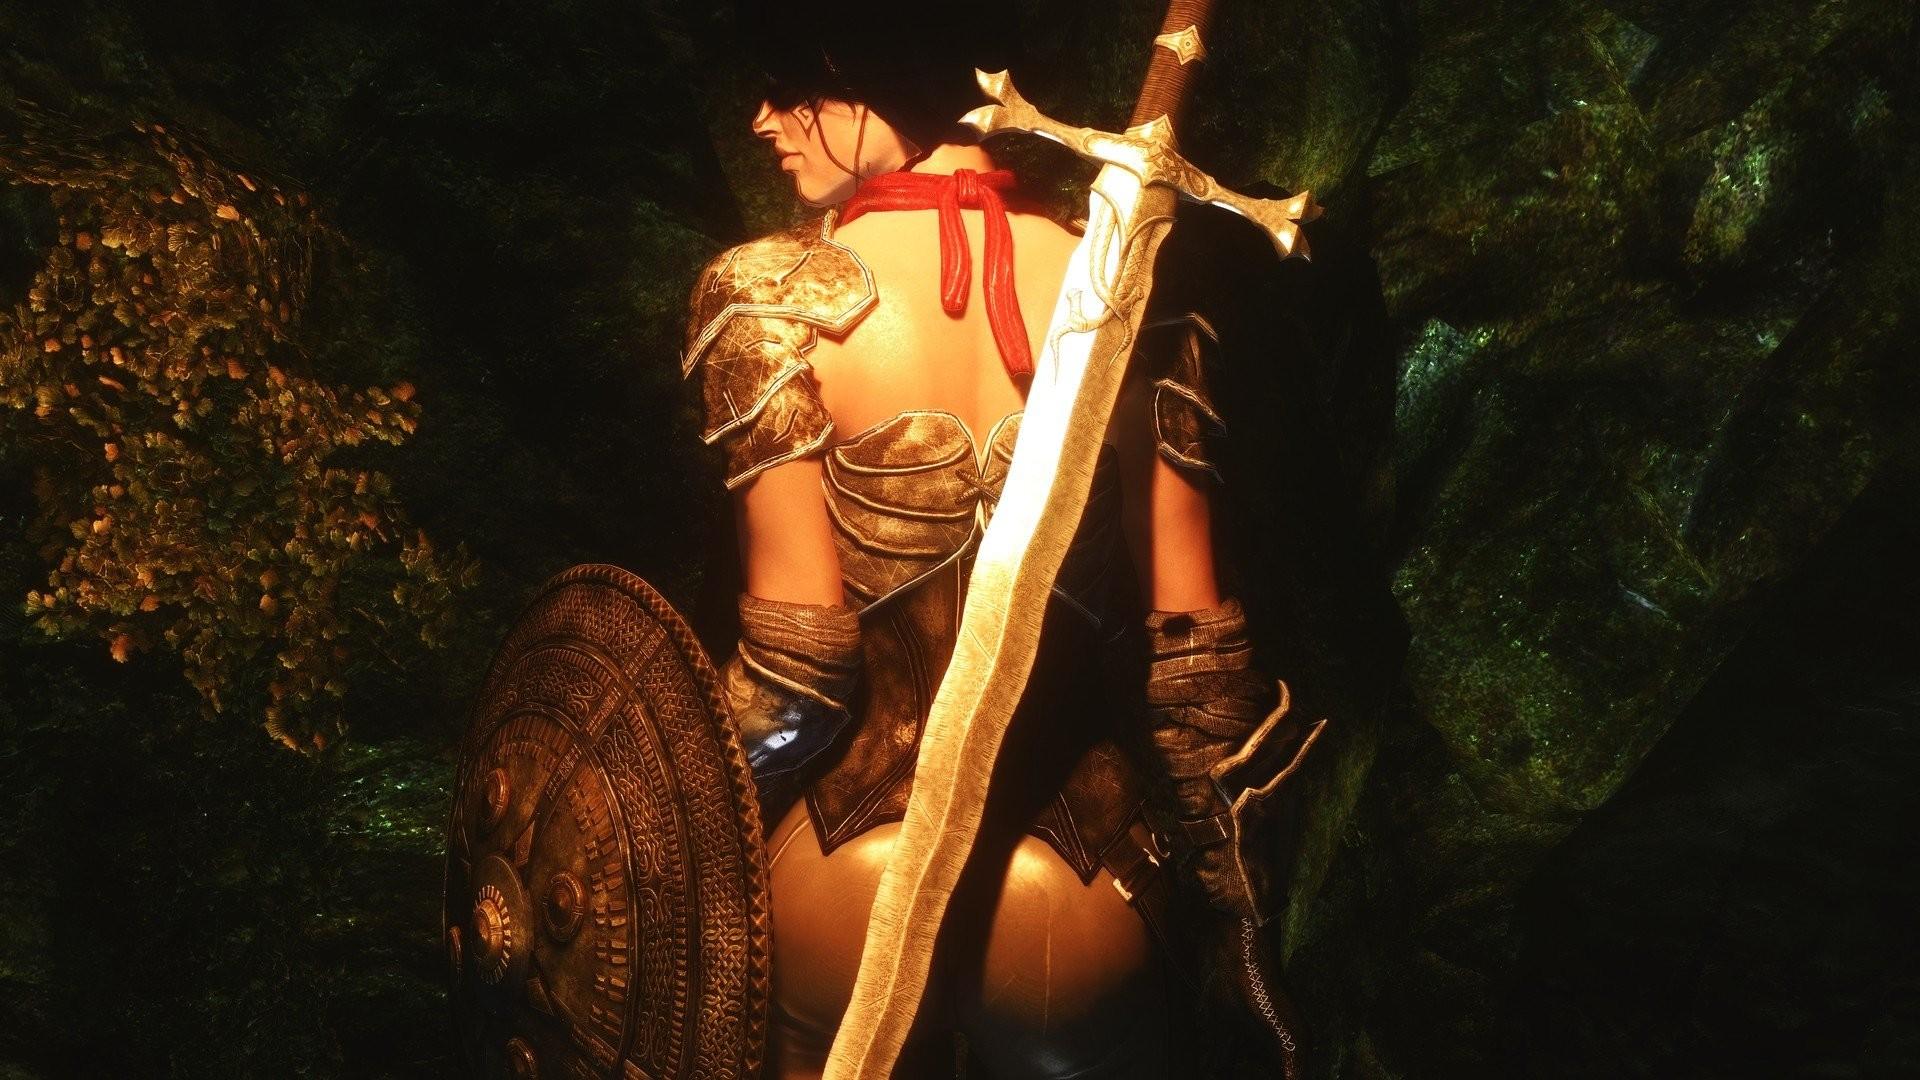 Armor Fantasy Green Shields Swords The Elder Scrolls V Skyrim Video Games  Warriors Weapons Women